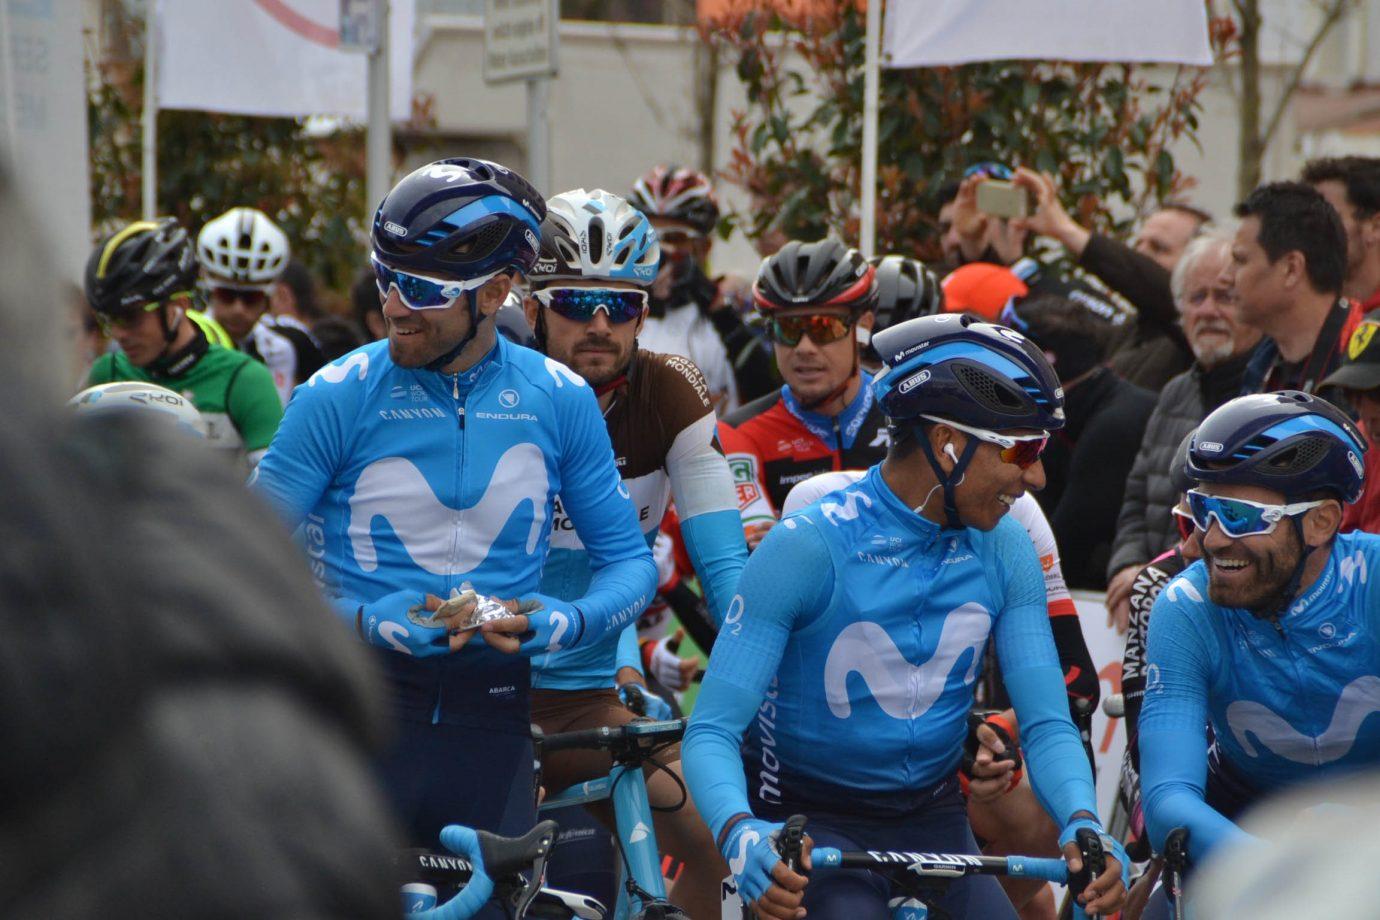 Alejandro Valverde y Nairo Quintana estarán en la salida de A Través de Flandes.